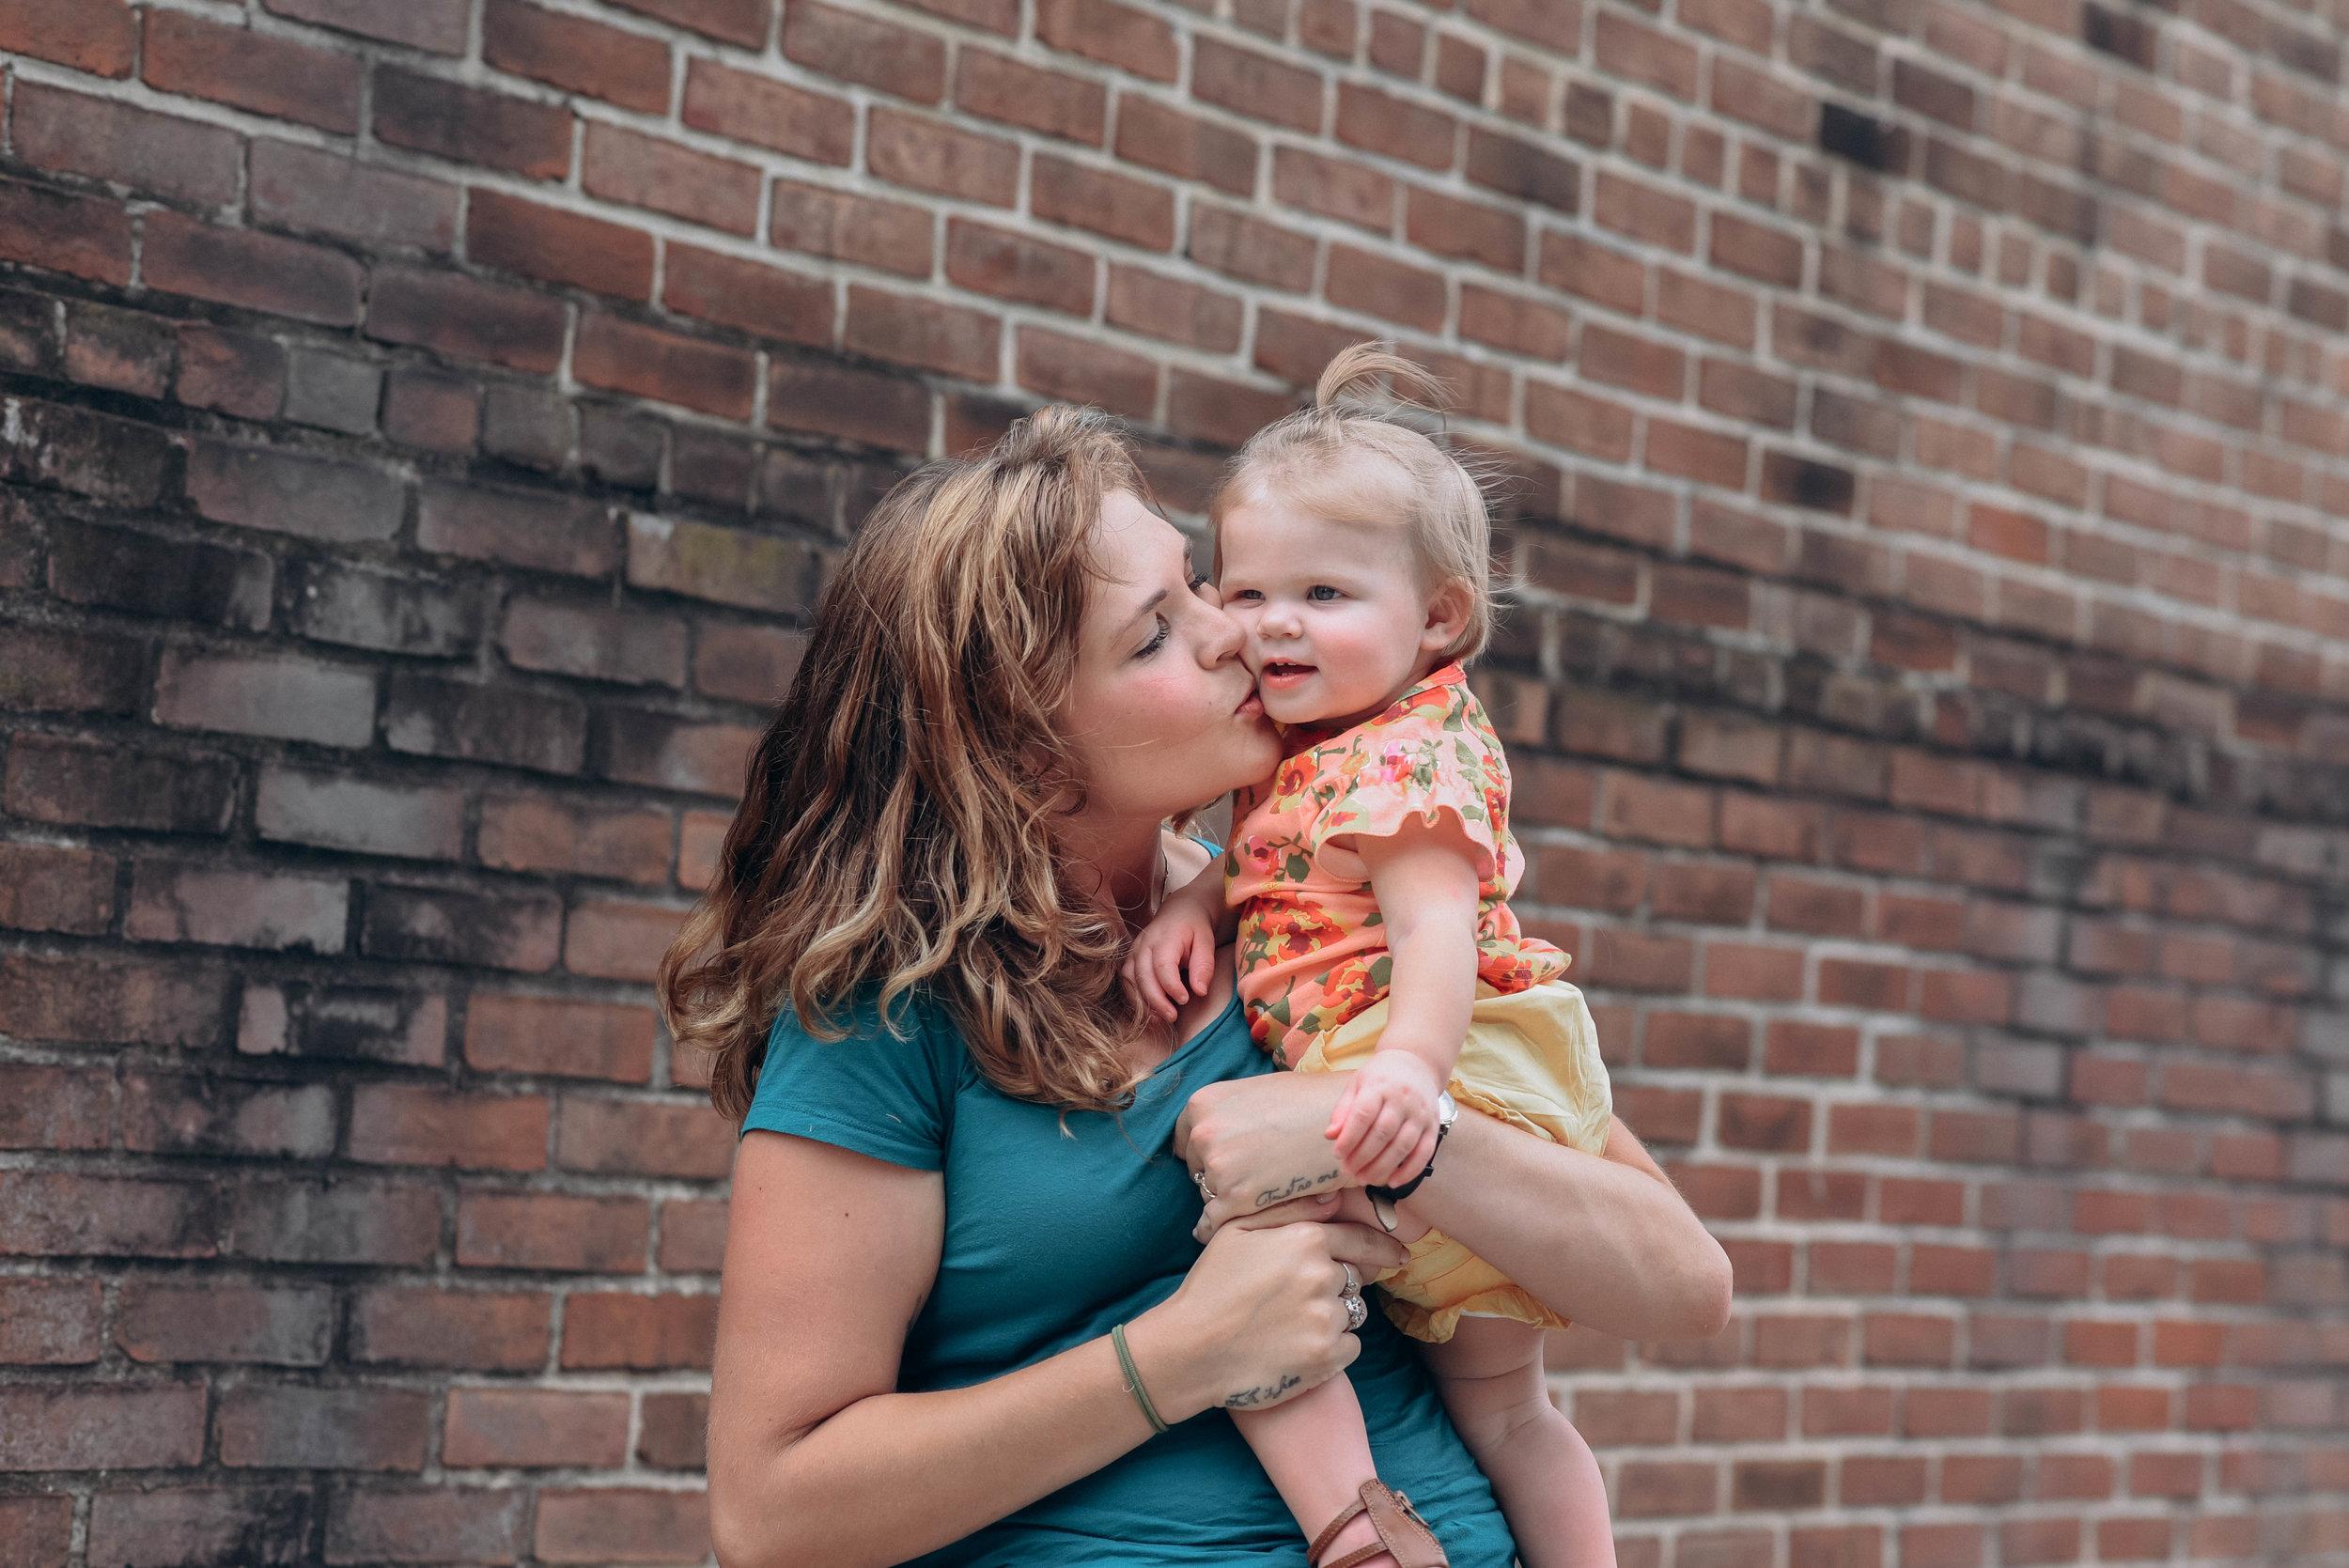 Heather_Faces_of_Postpartum_2